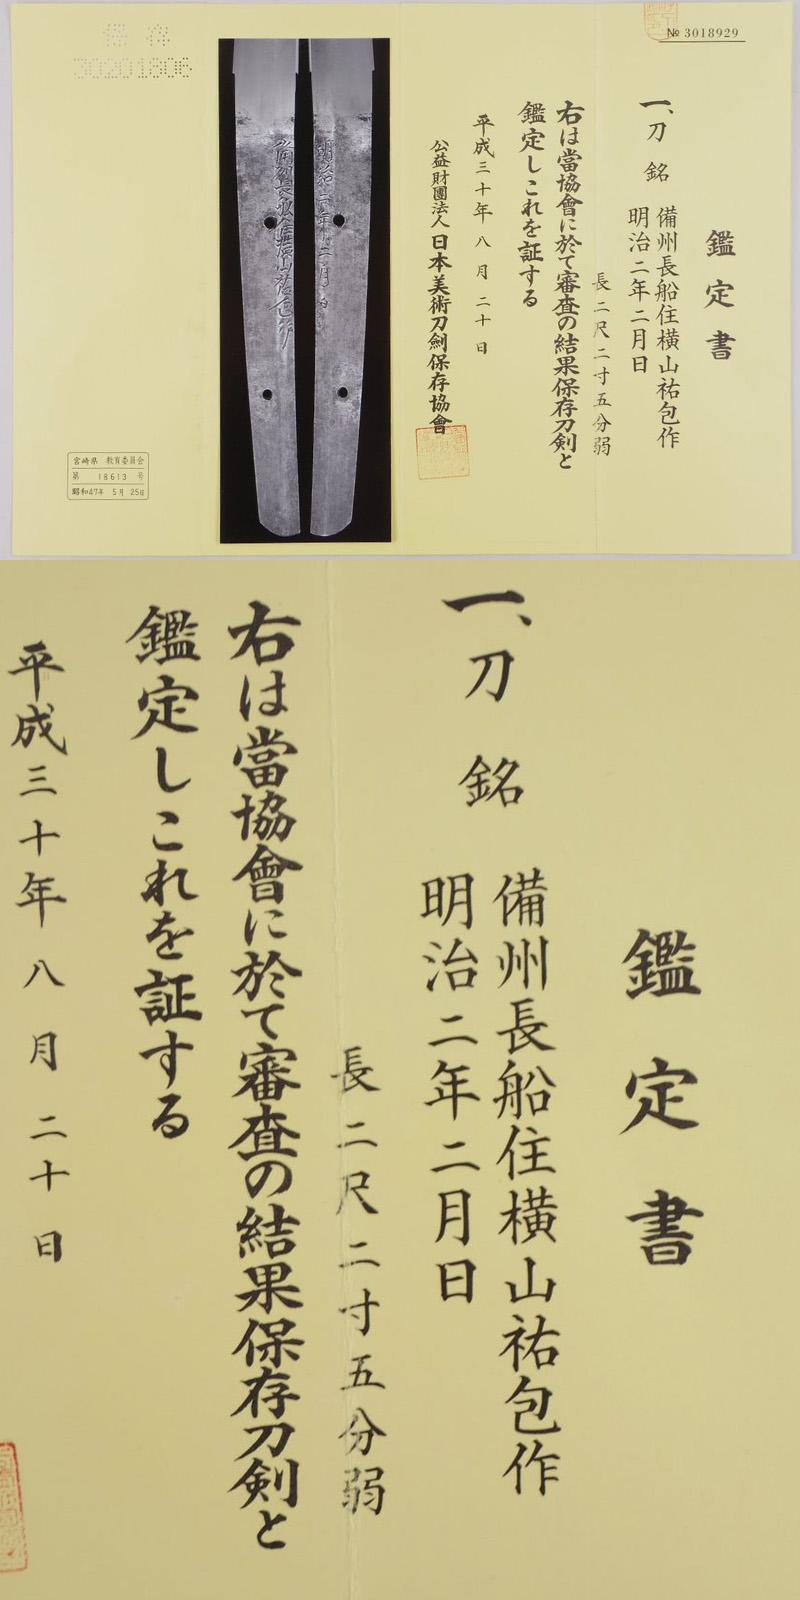 刀 備州長船住横山祐包作 (初代) (新々刀上作)  明治二年二月日 Picture of Certificate